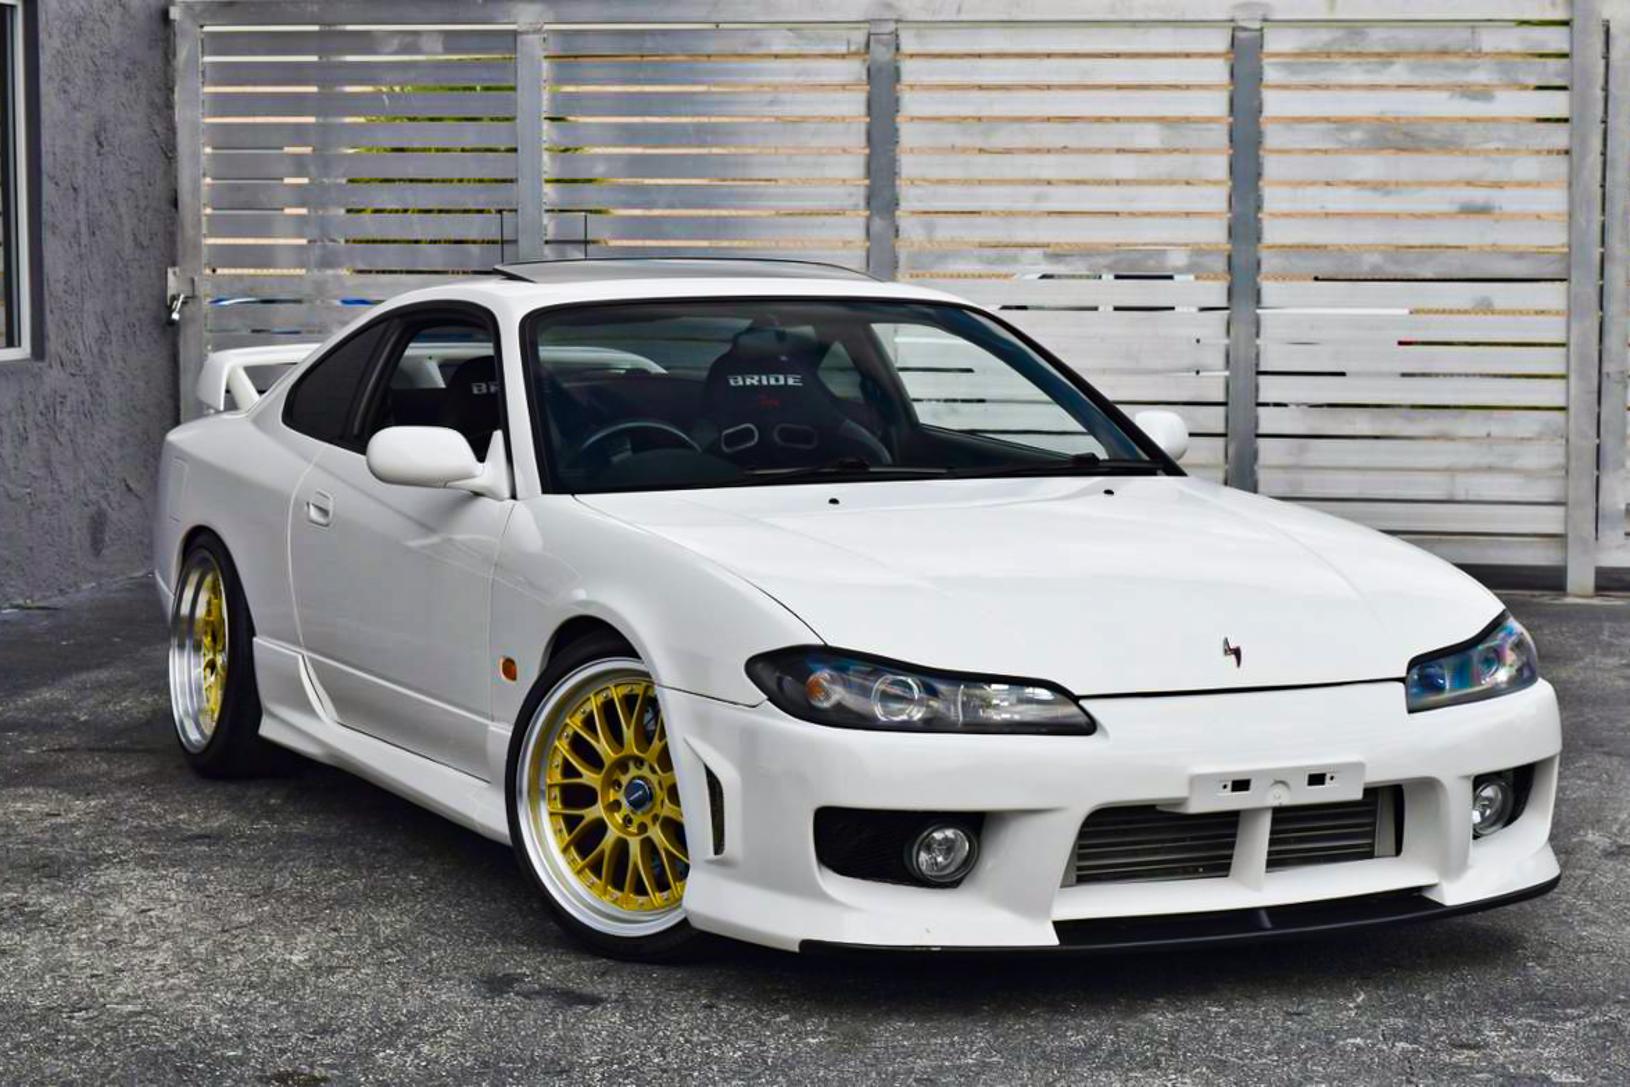 1999 Nissan Silvia S15R